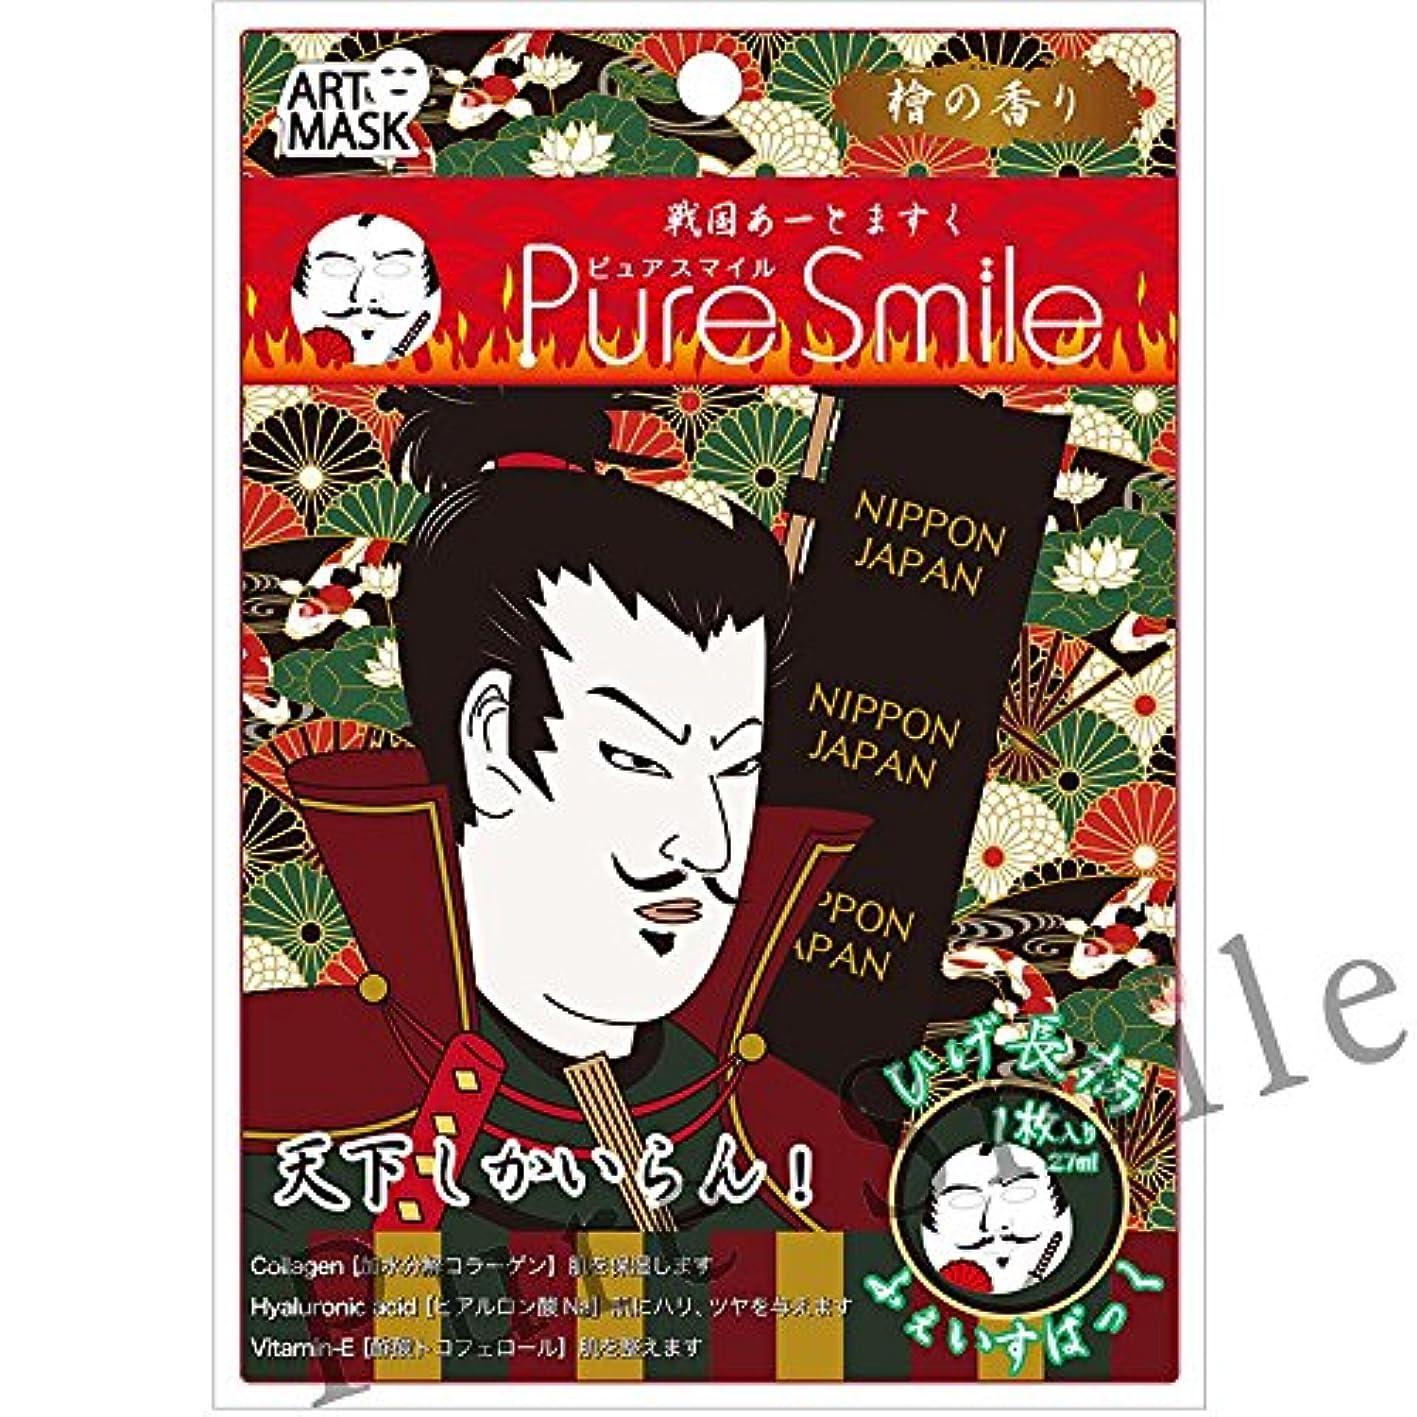 非アクティブ今日寺院Pure Smile(ピュアスマイル) フェイスマスク/アートマスク『戦国アートマスク』(ひげ長/檜の香り)